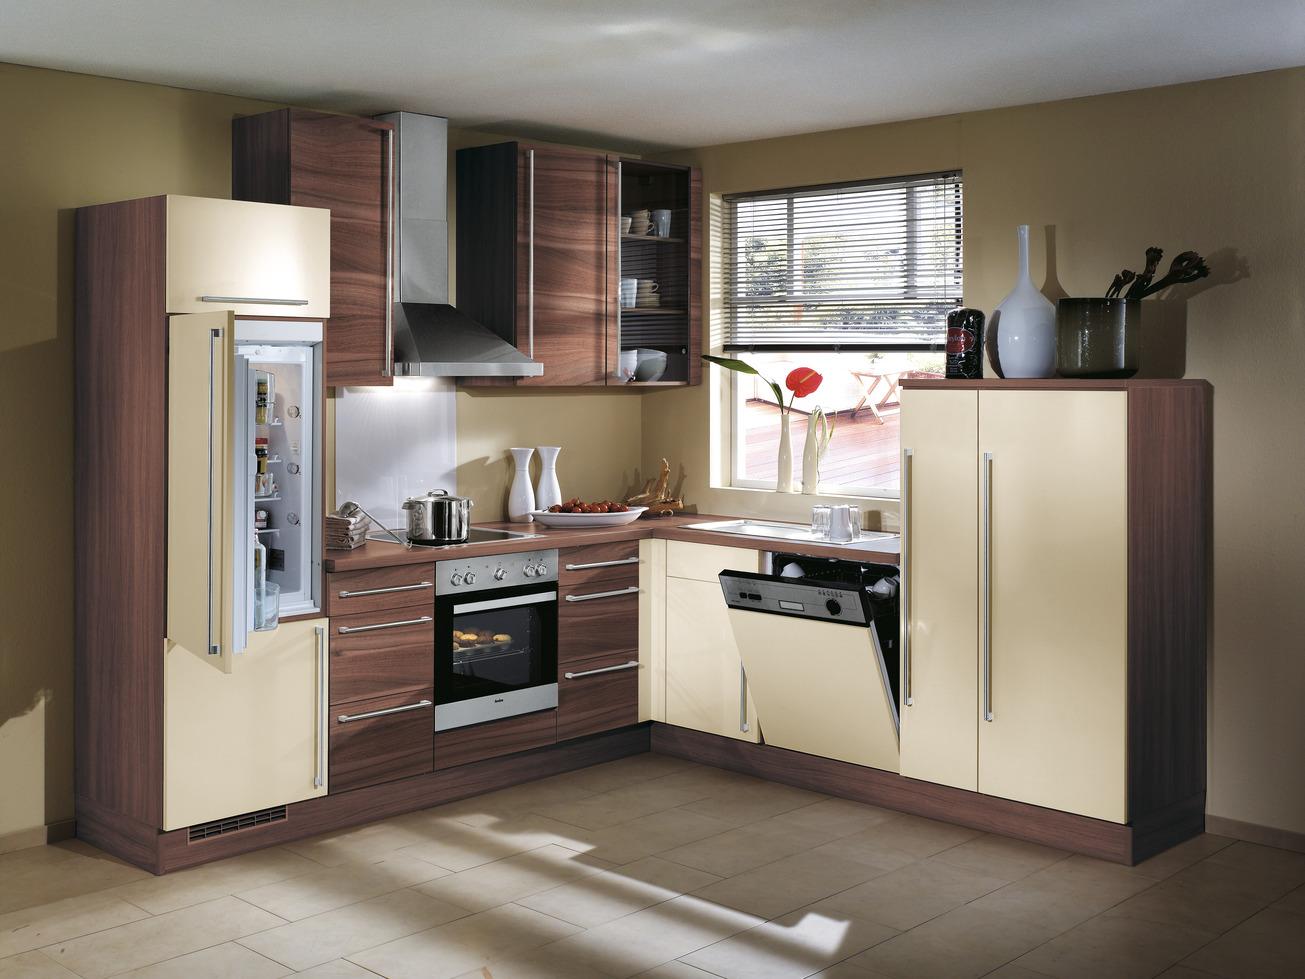 Preiswerte Winkel-Küche mit Geräten